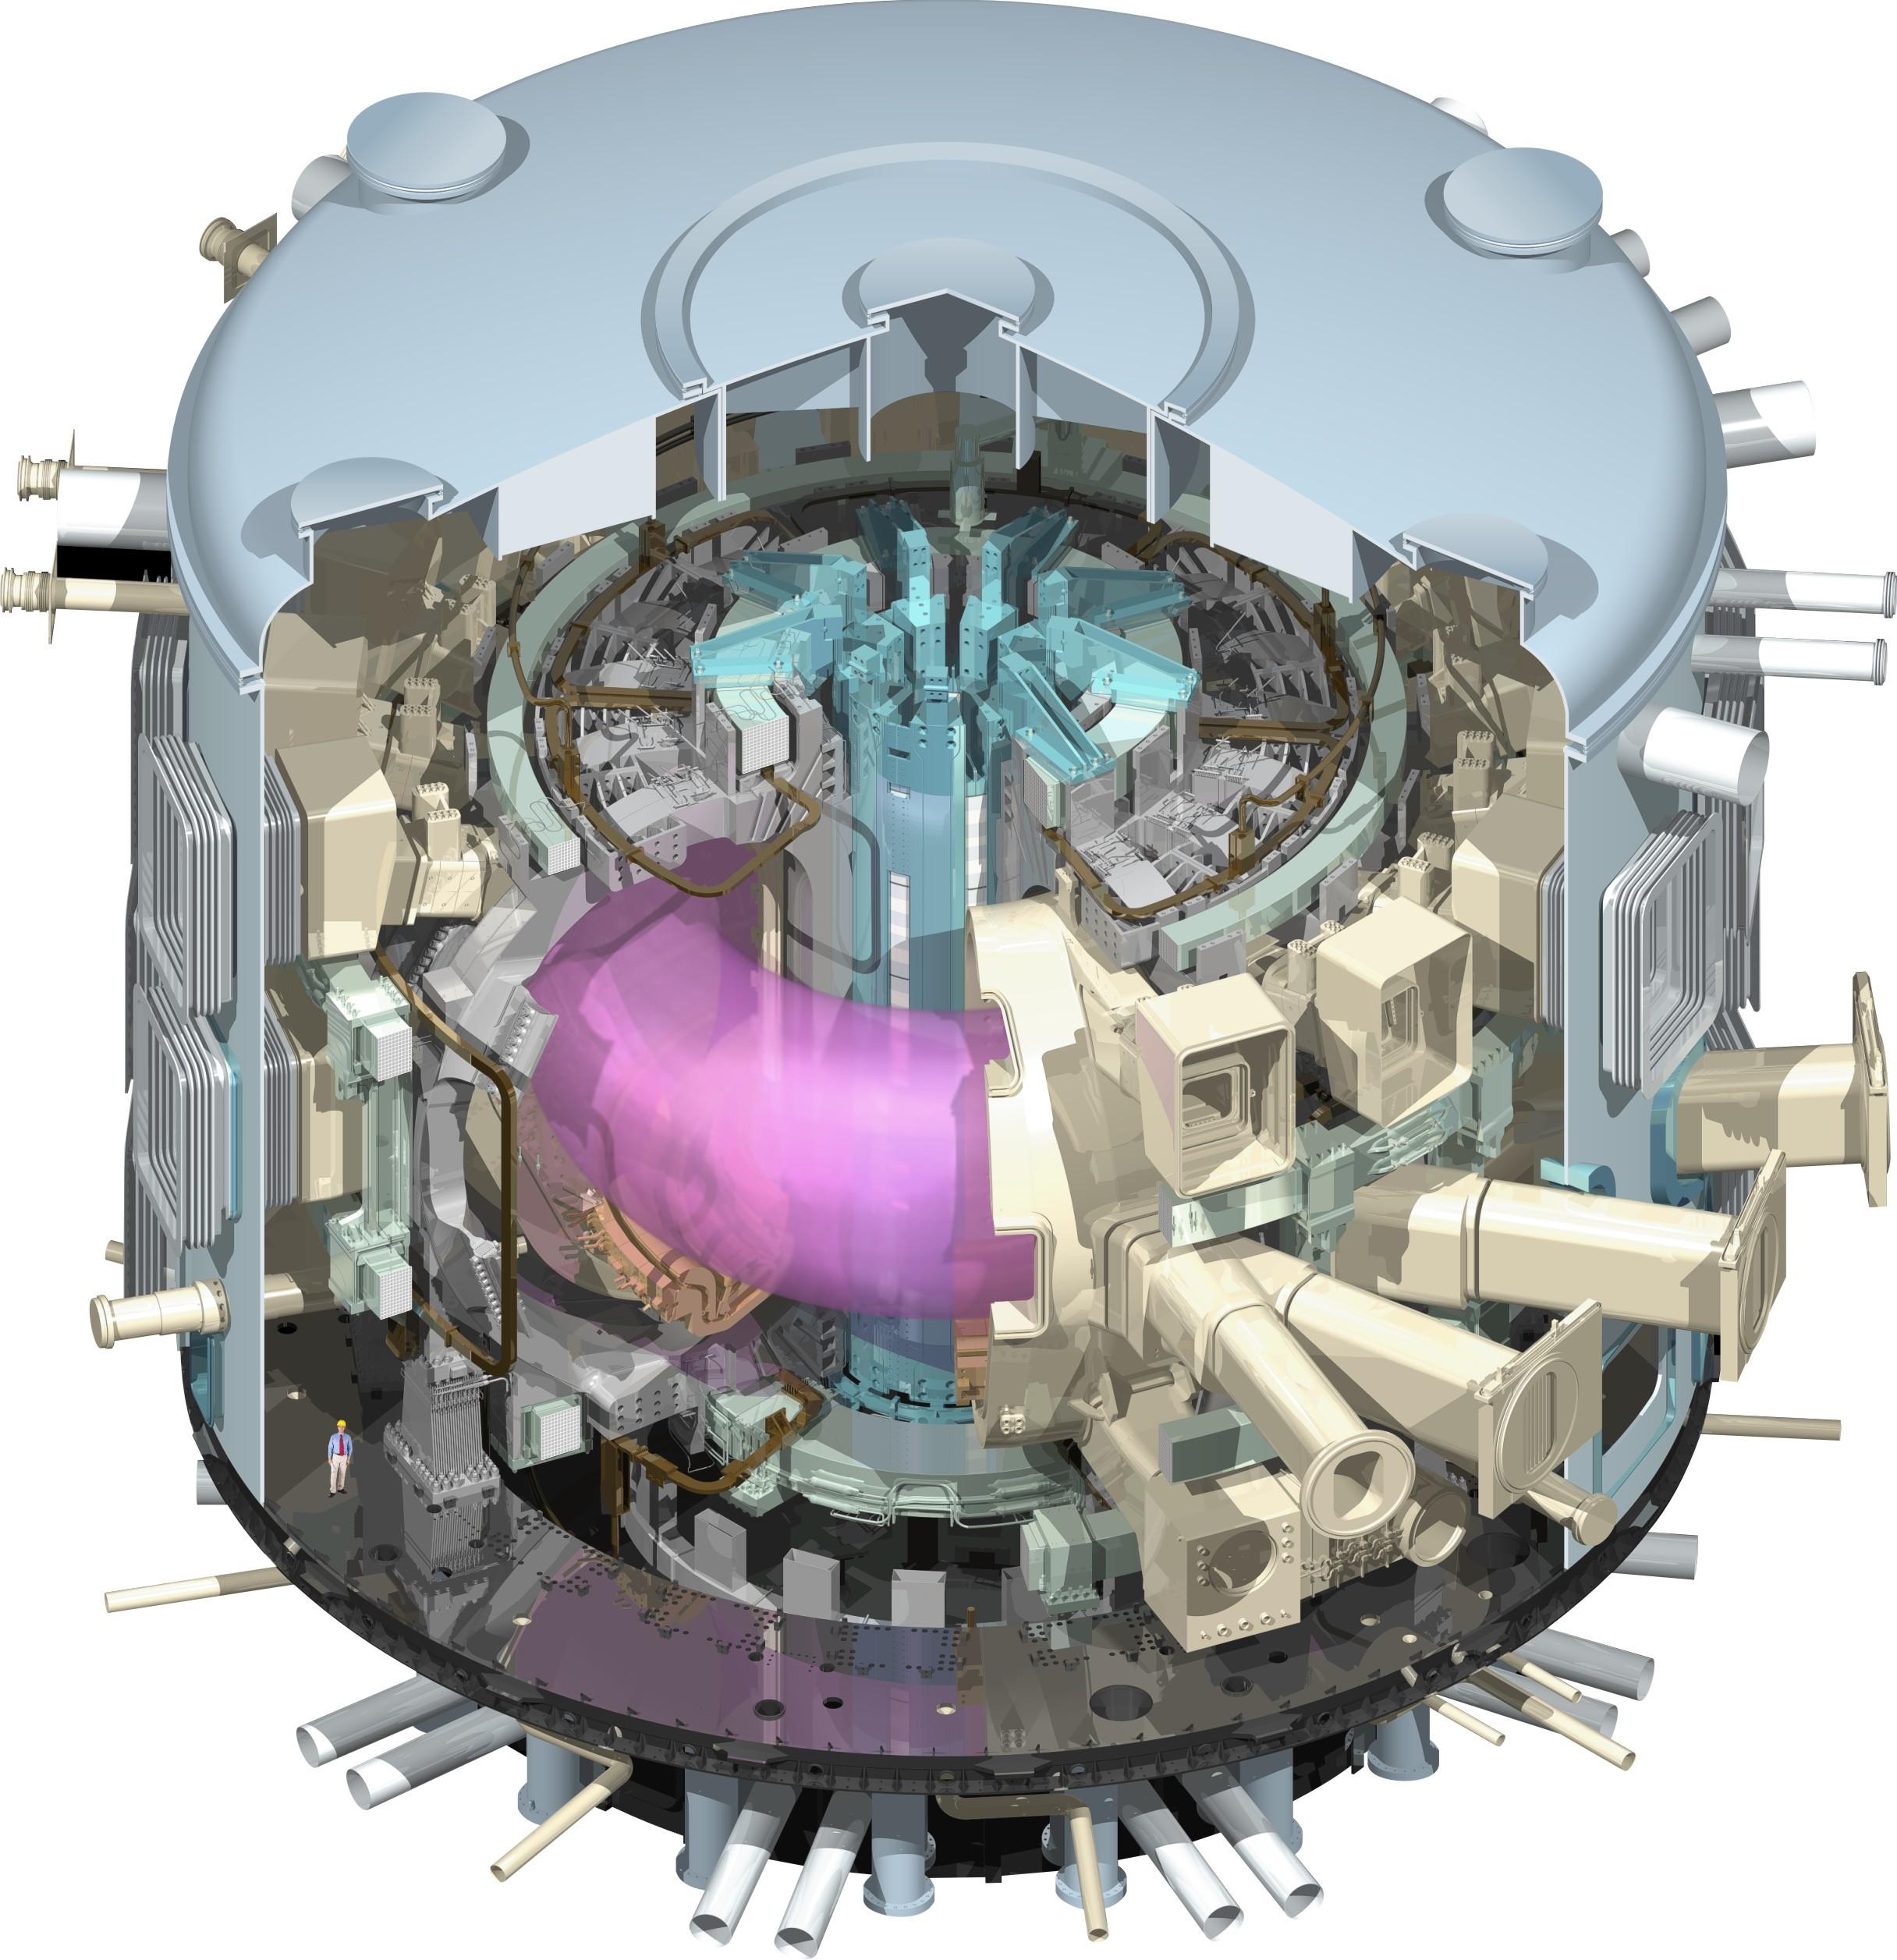 ITER_Machinecutaway.jpg